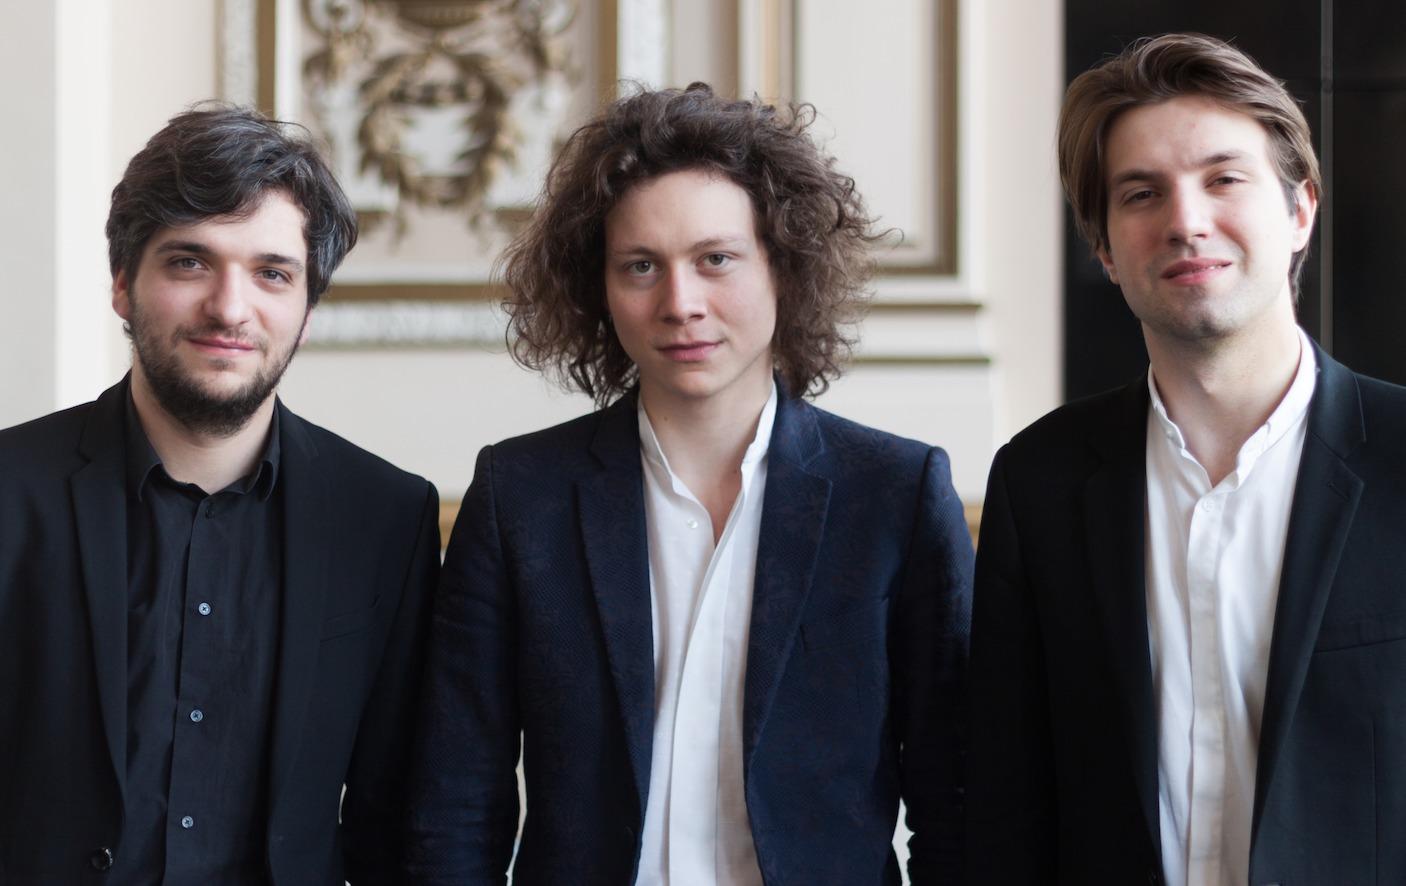 Le Trio Messiaen, Marion Tassou, Alexandre Pascal & Juan-Miguel Hernandez